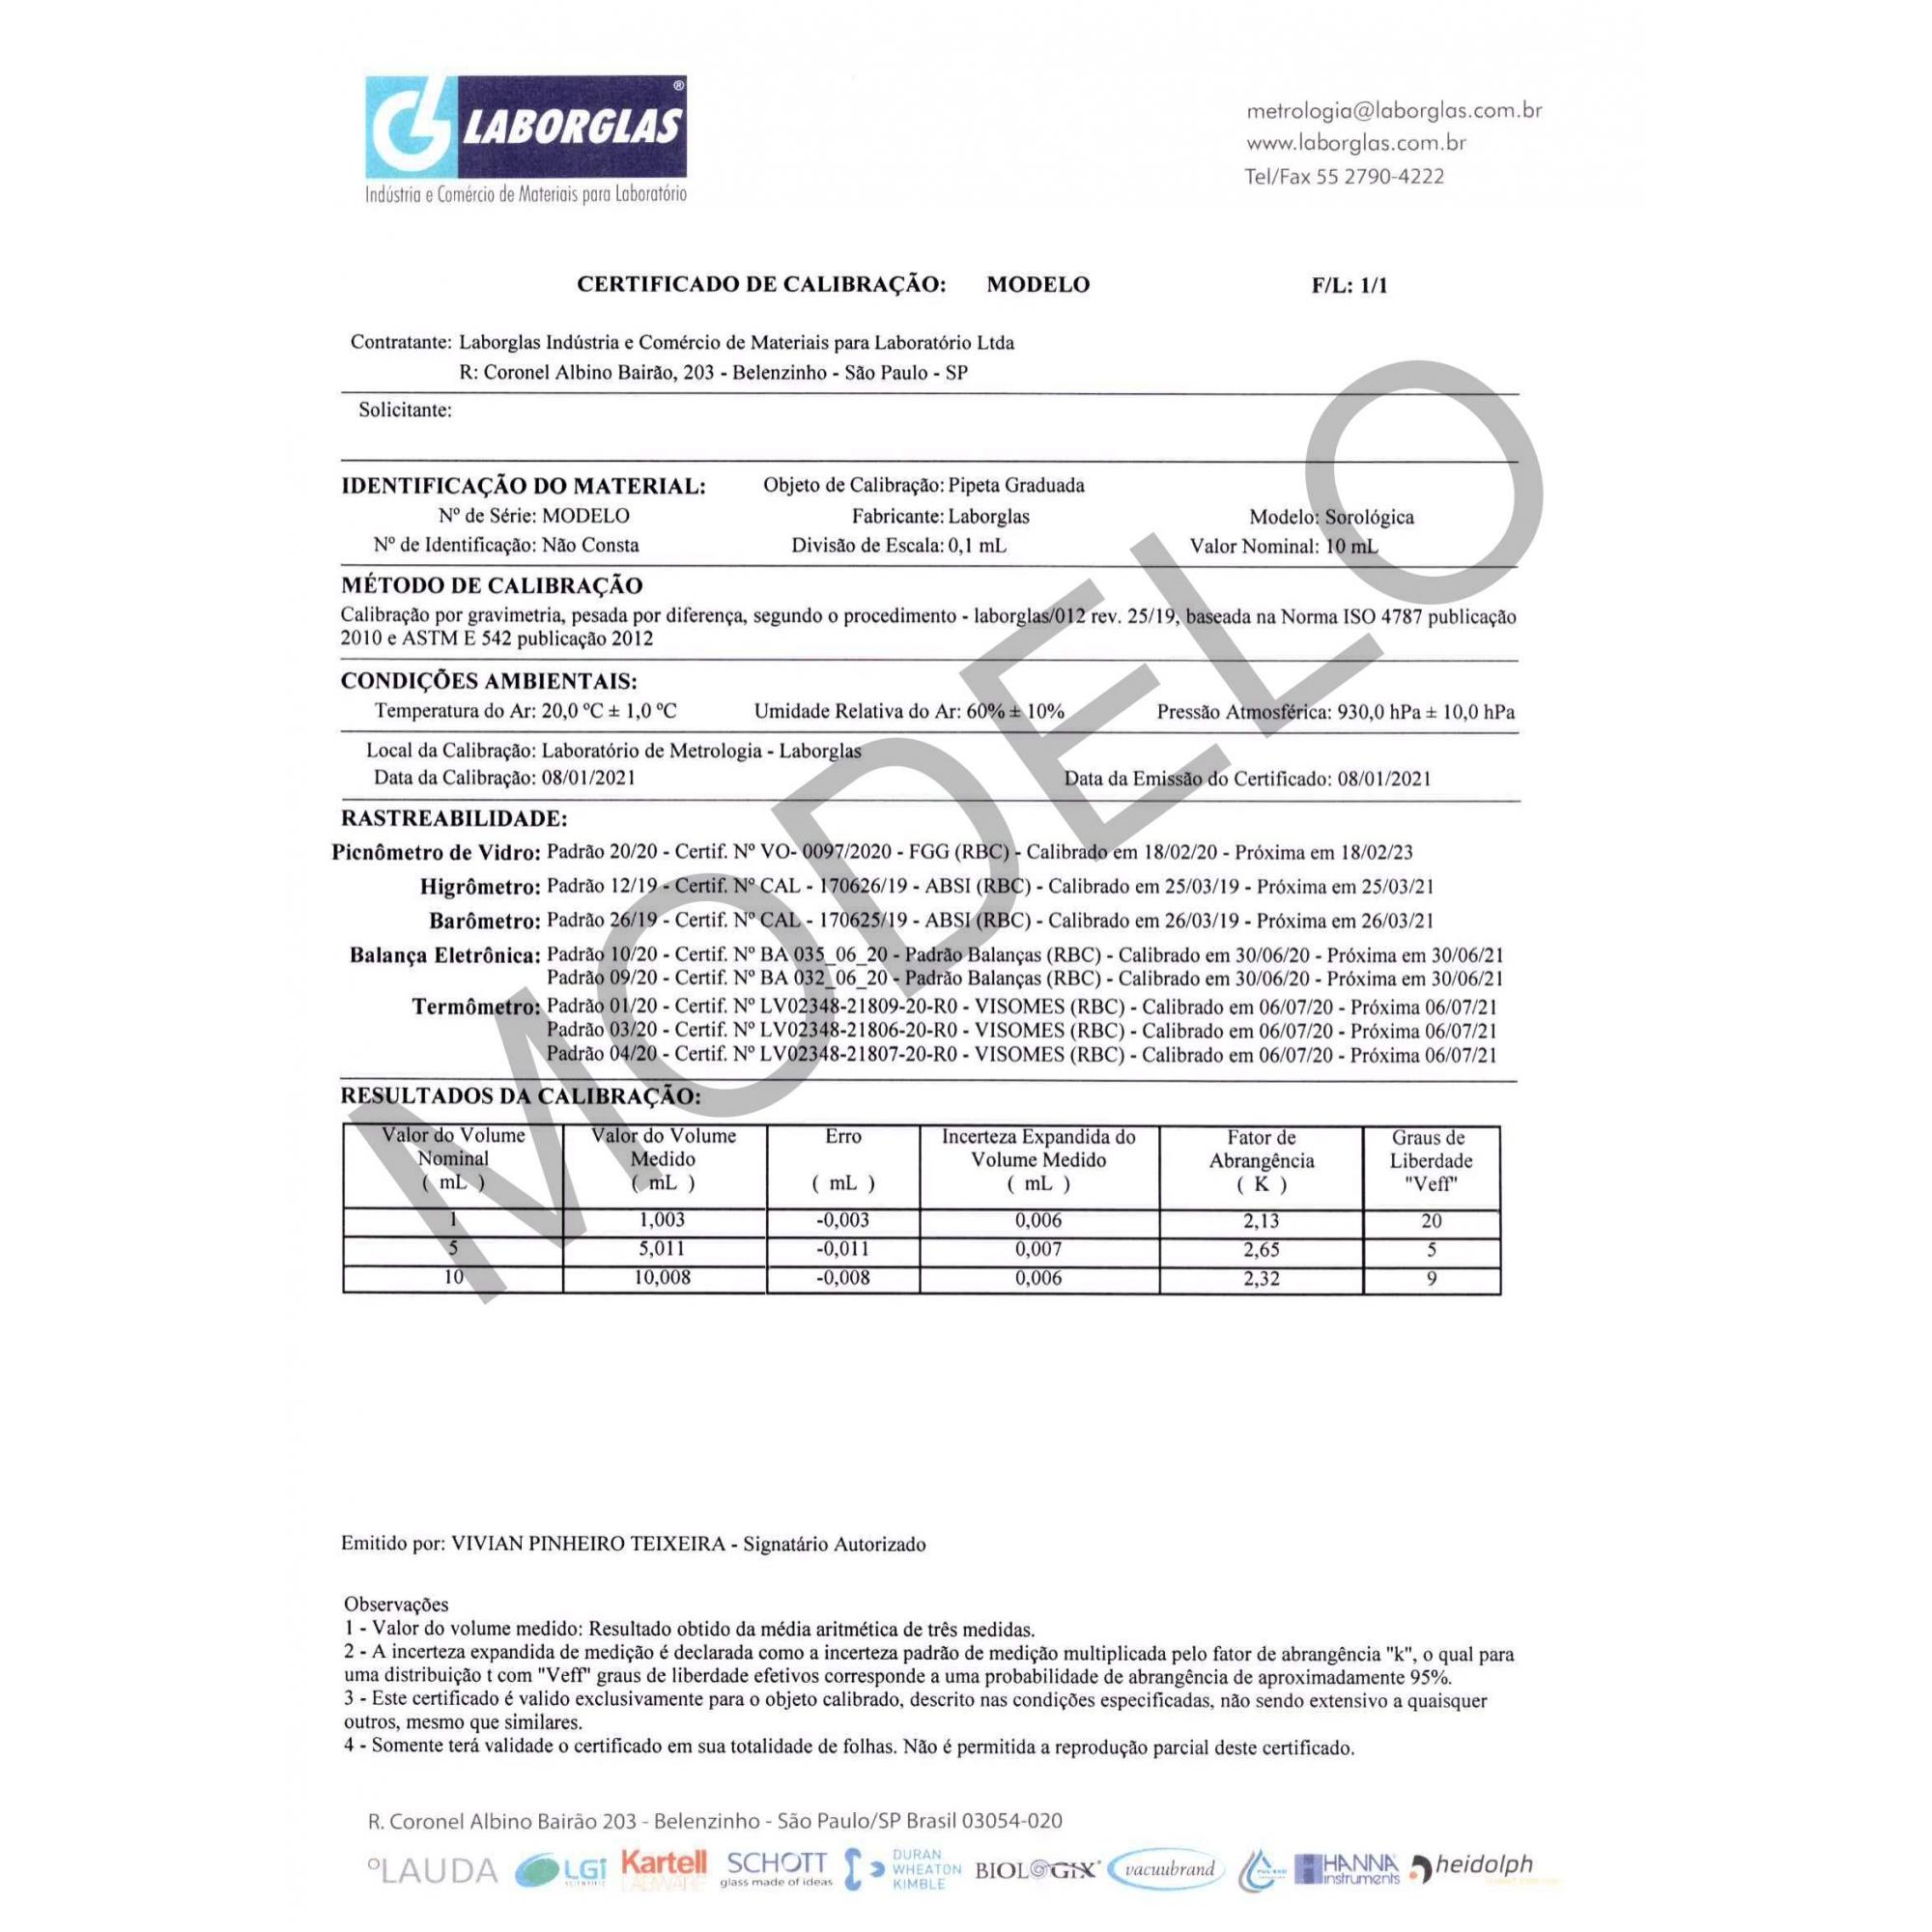 PIPETA GRADUADA SOROLÓGICA ESGOTOTAMENTO TOTAL 20 ML 1/10 CLASSE A COM CERTIFICADO RASTREÁVEL - Laborglas - Cód. 9443612-C